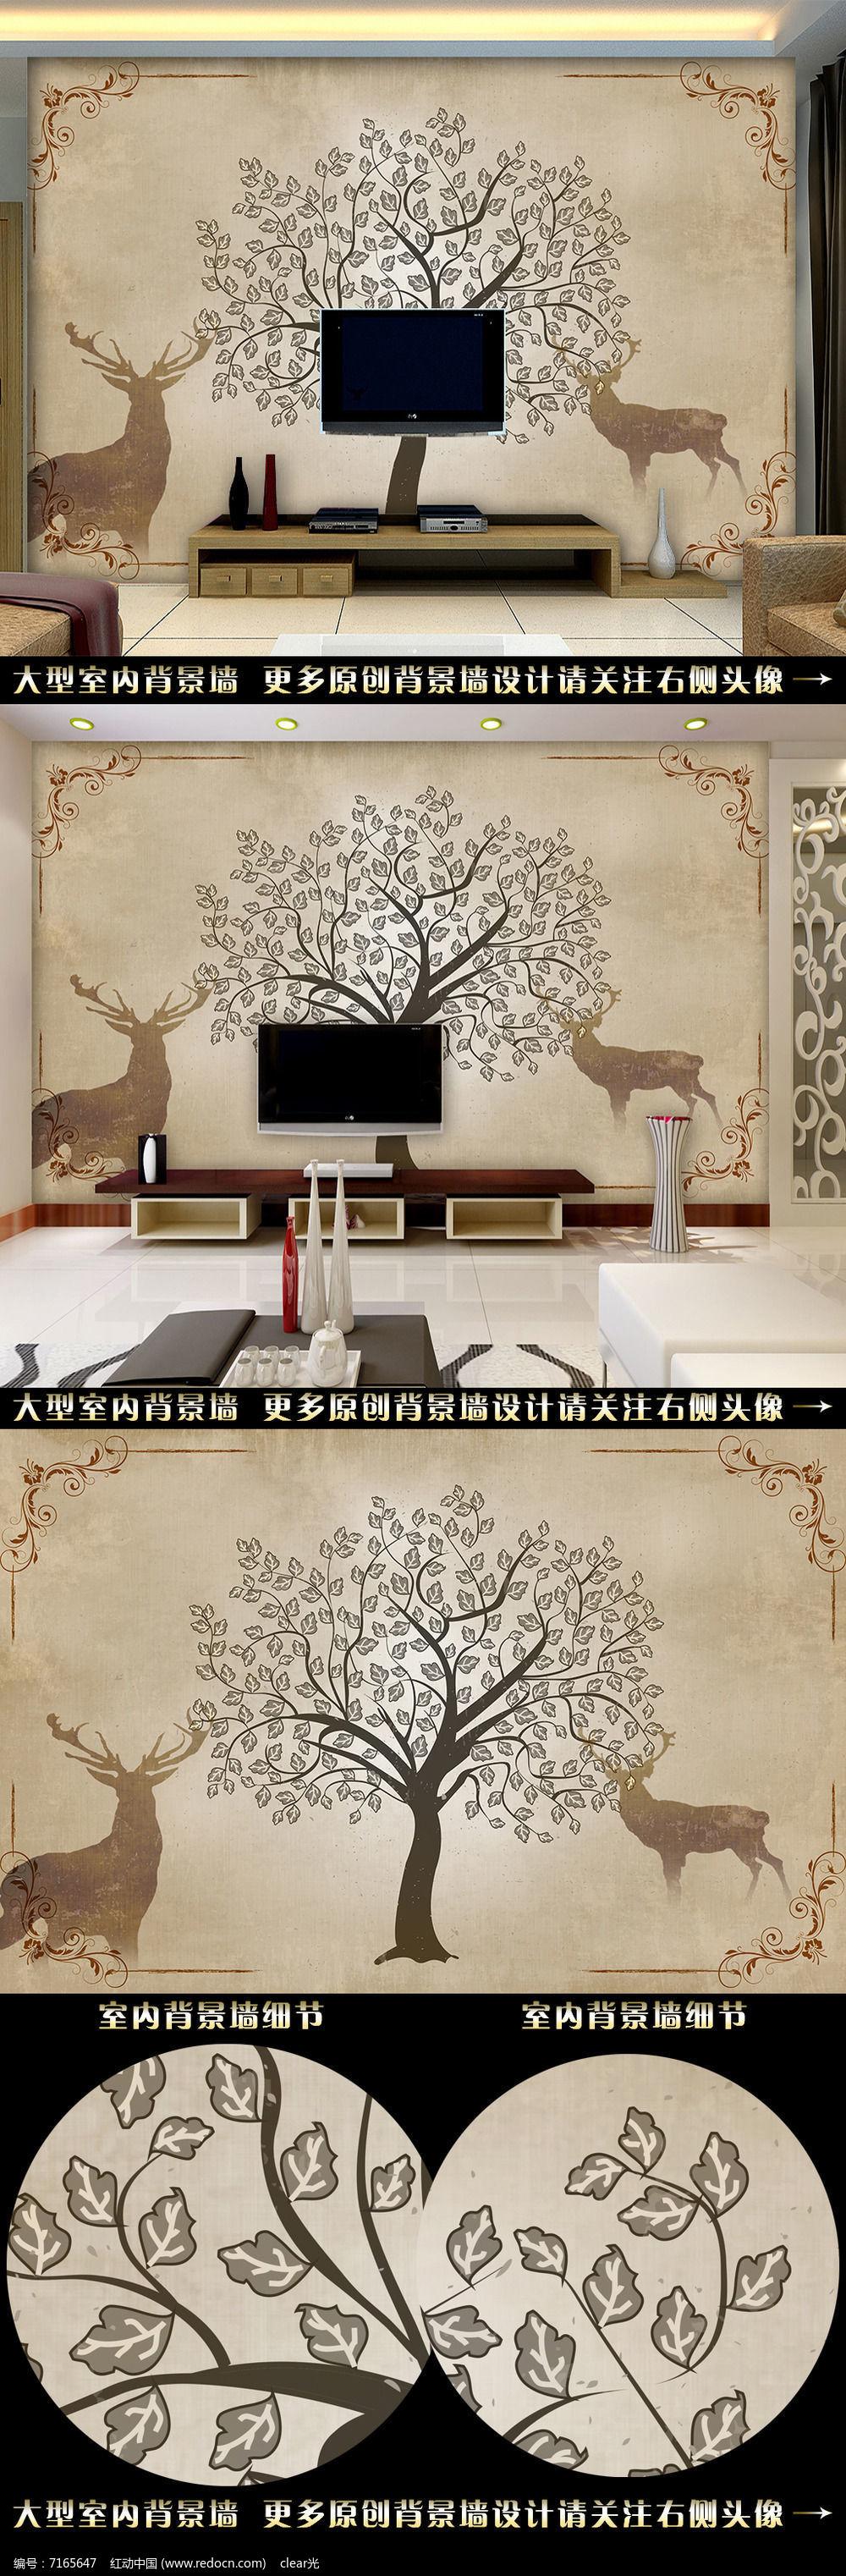 复古手绘鹿电视背景墙